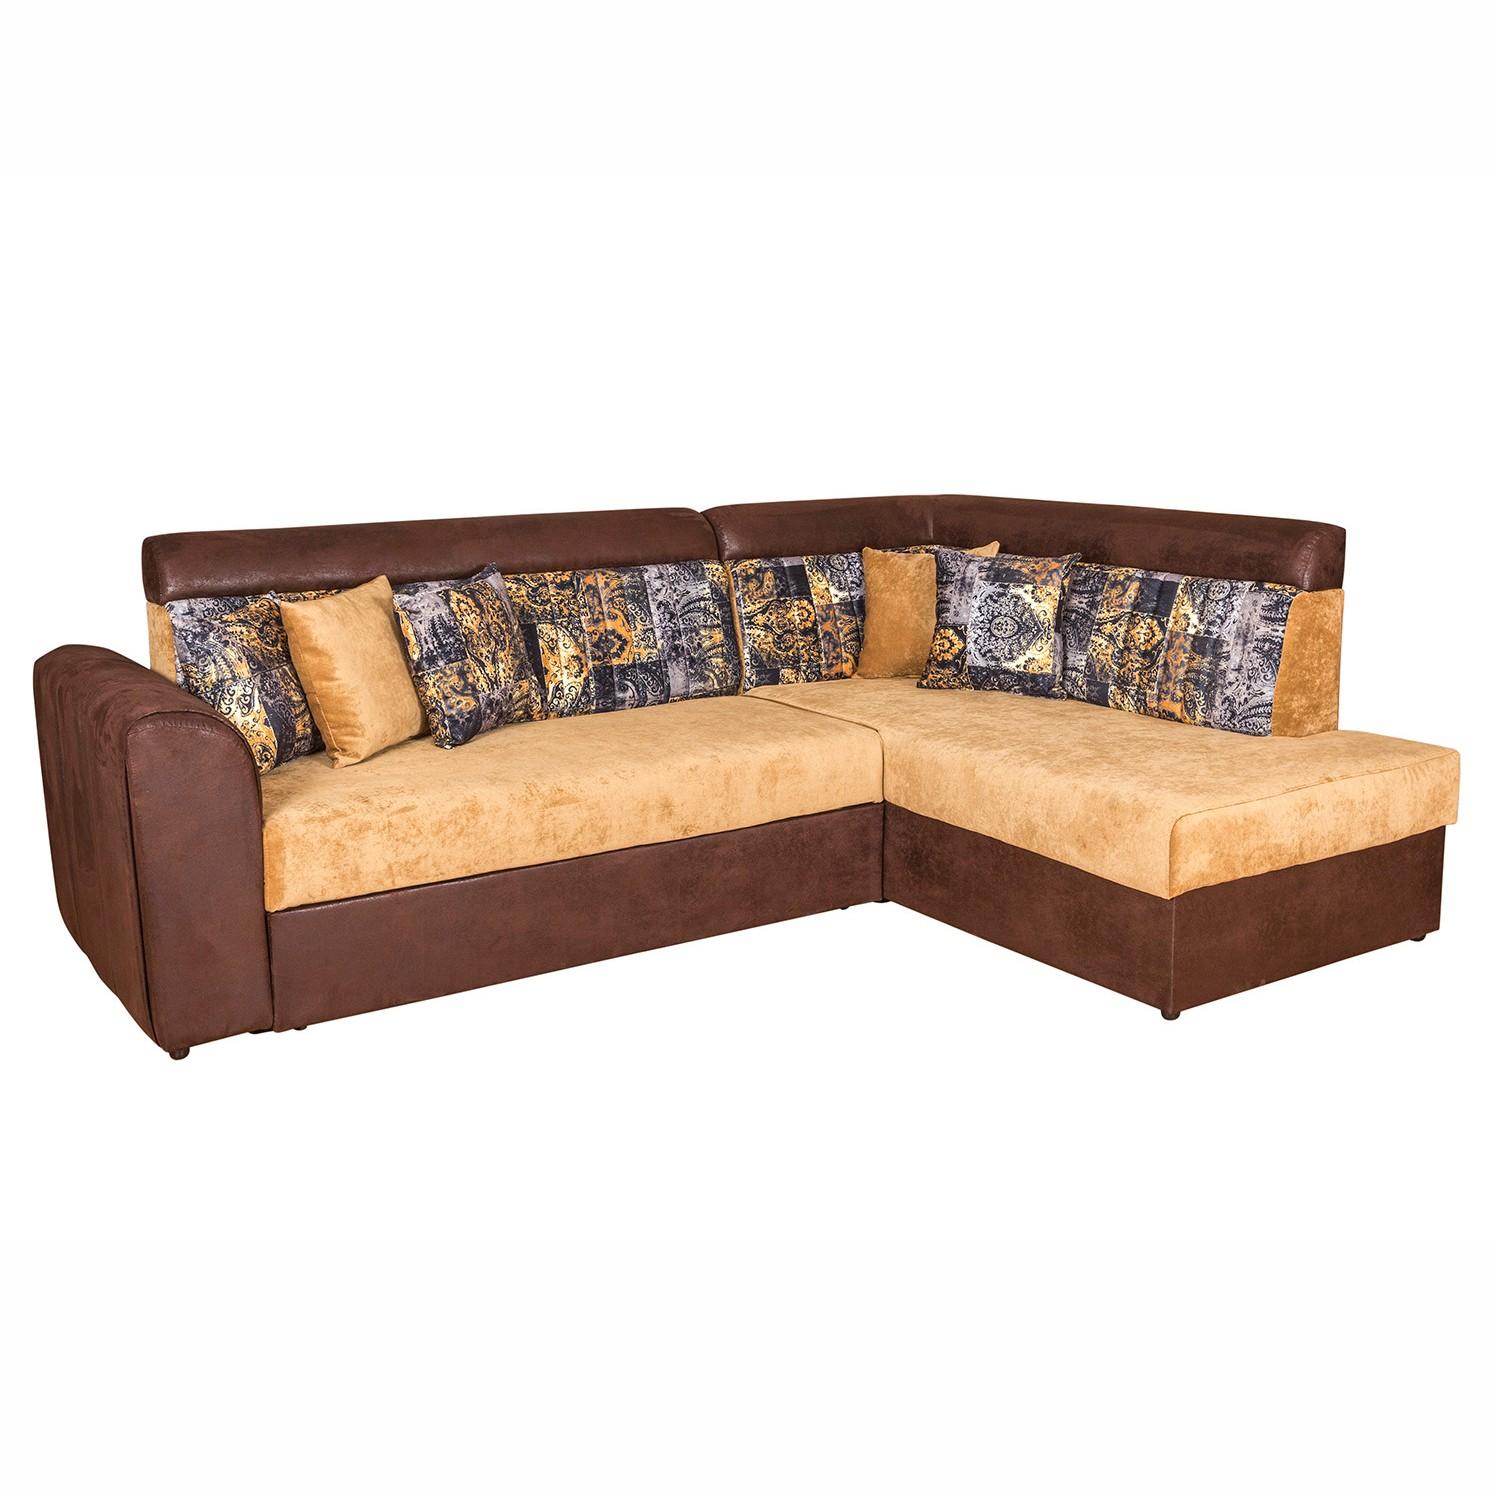 Coltar living extensibil pe stanga Octavia, cu lada, maro + crem, 250 x 175 x 90 cm, 3C